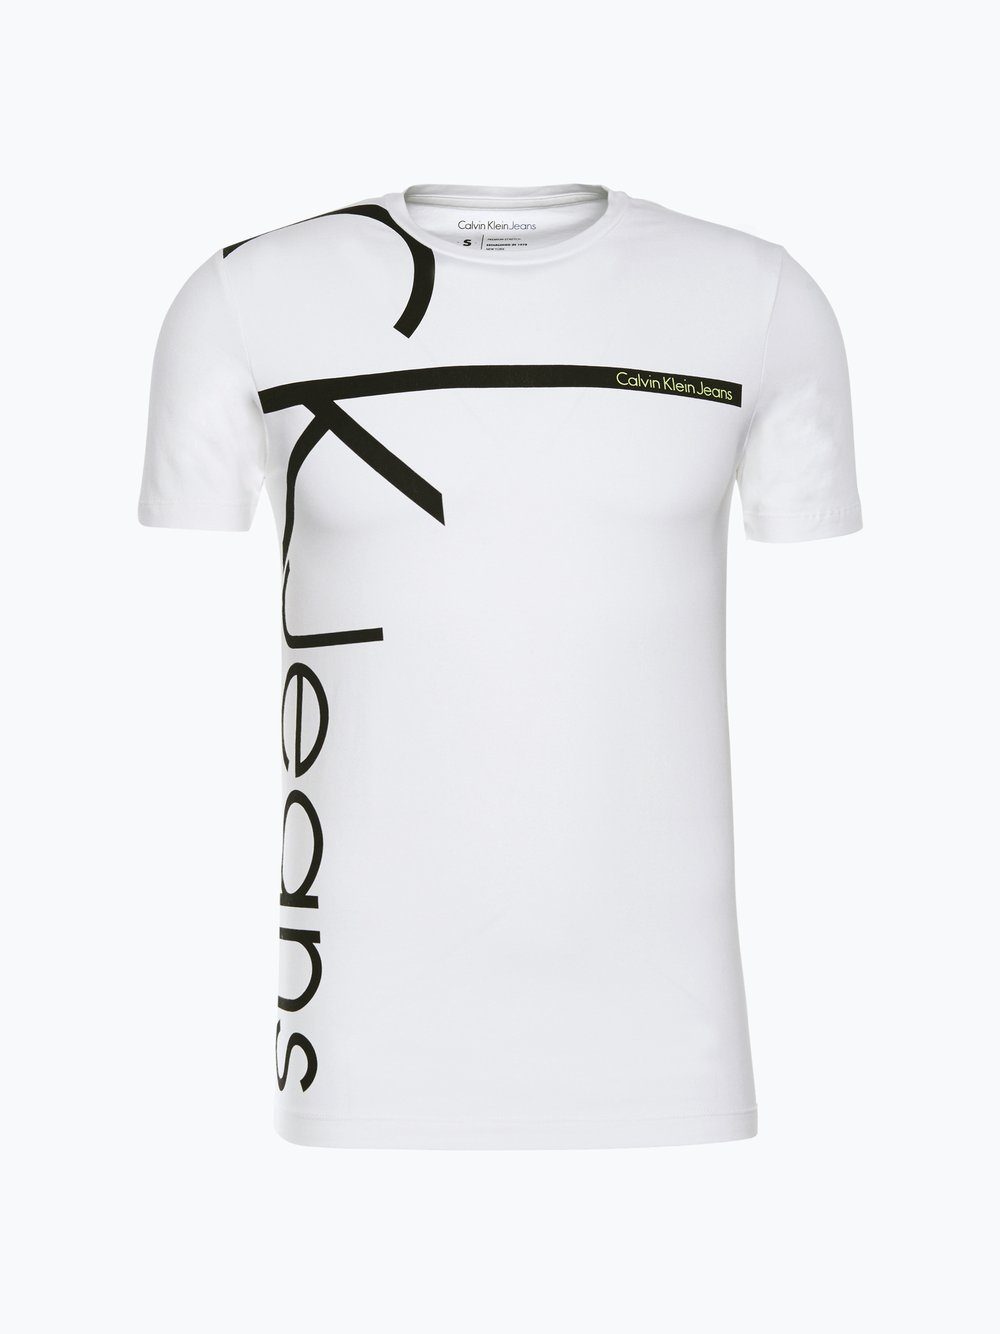 a8436ef9b4ad76 Calvin Klein Jeans Herren T-Shirt online kaufen